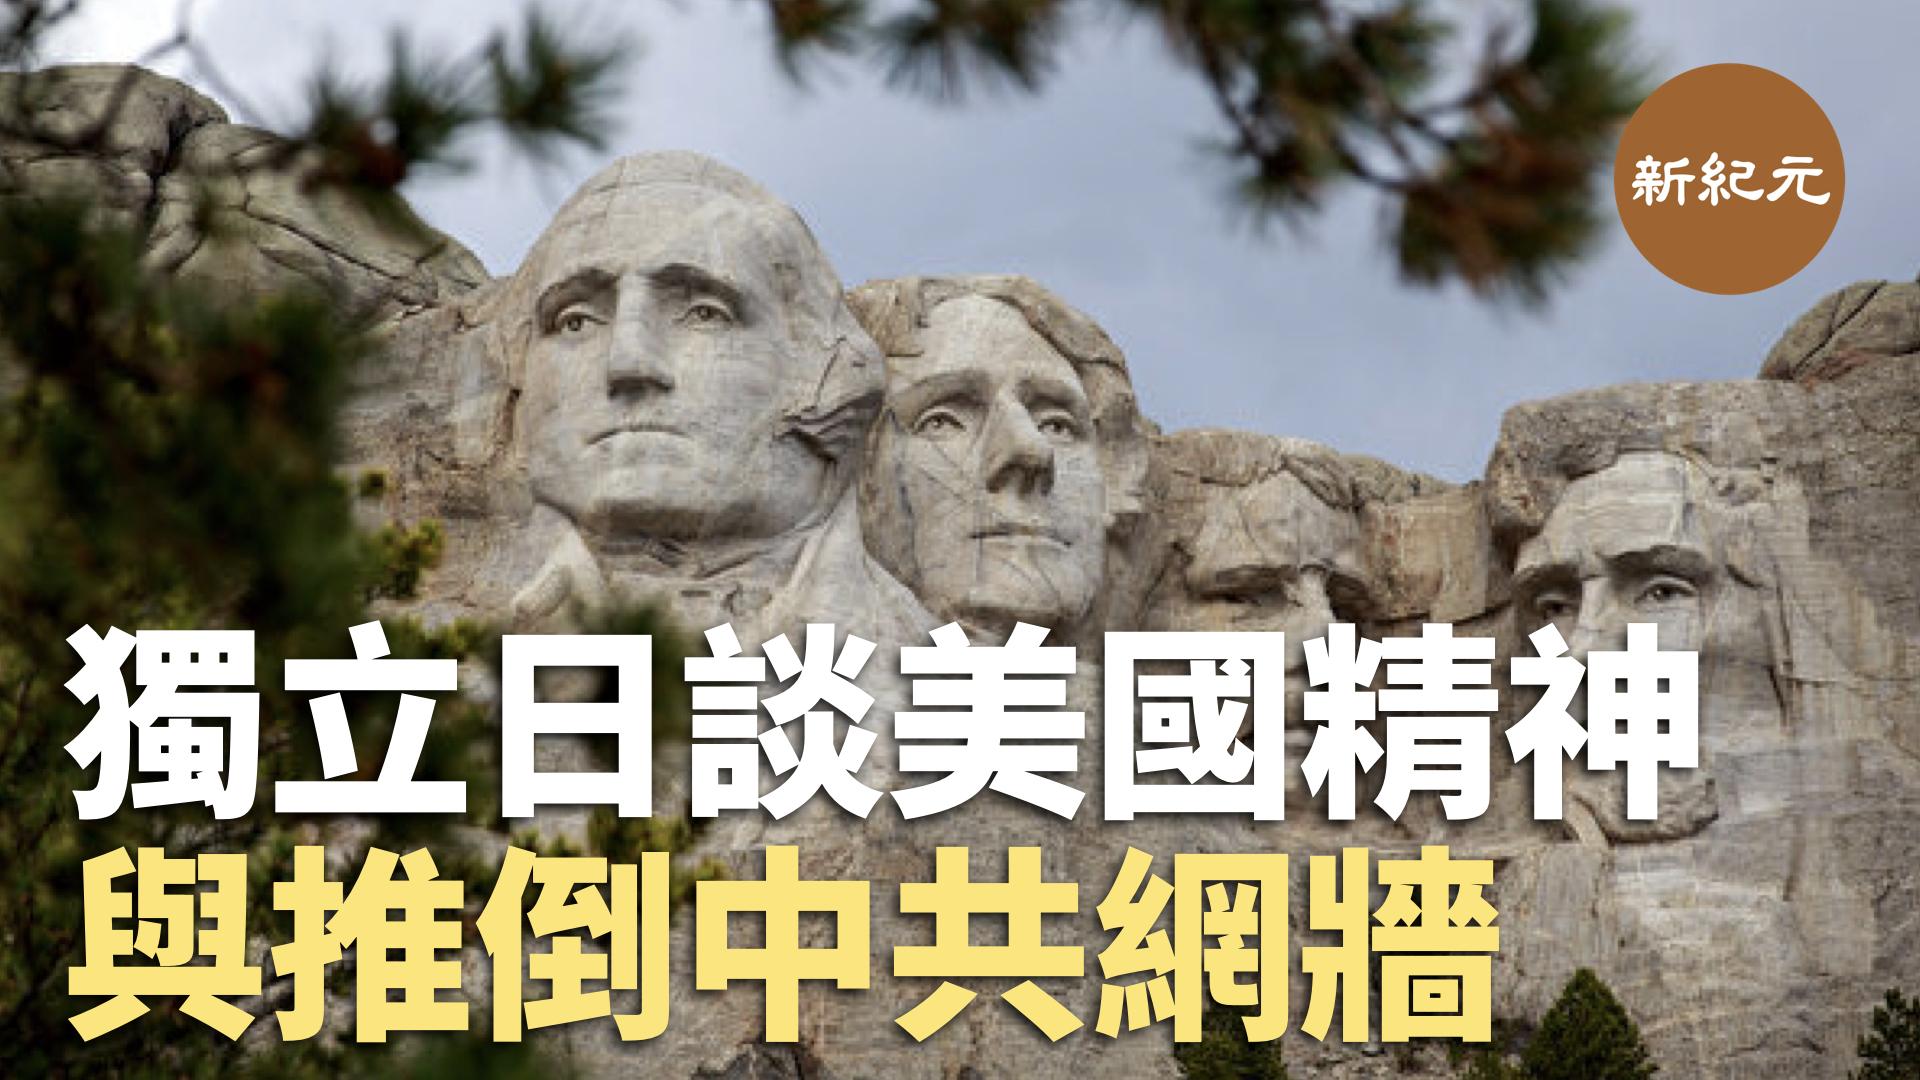 【談節說文】獨立日談美國精神與推倒中共網牆|(第十九集)#新紀元